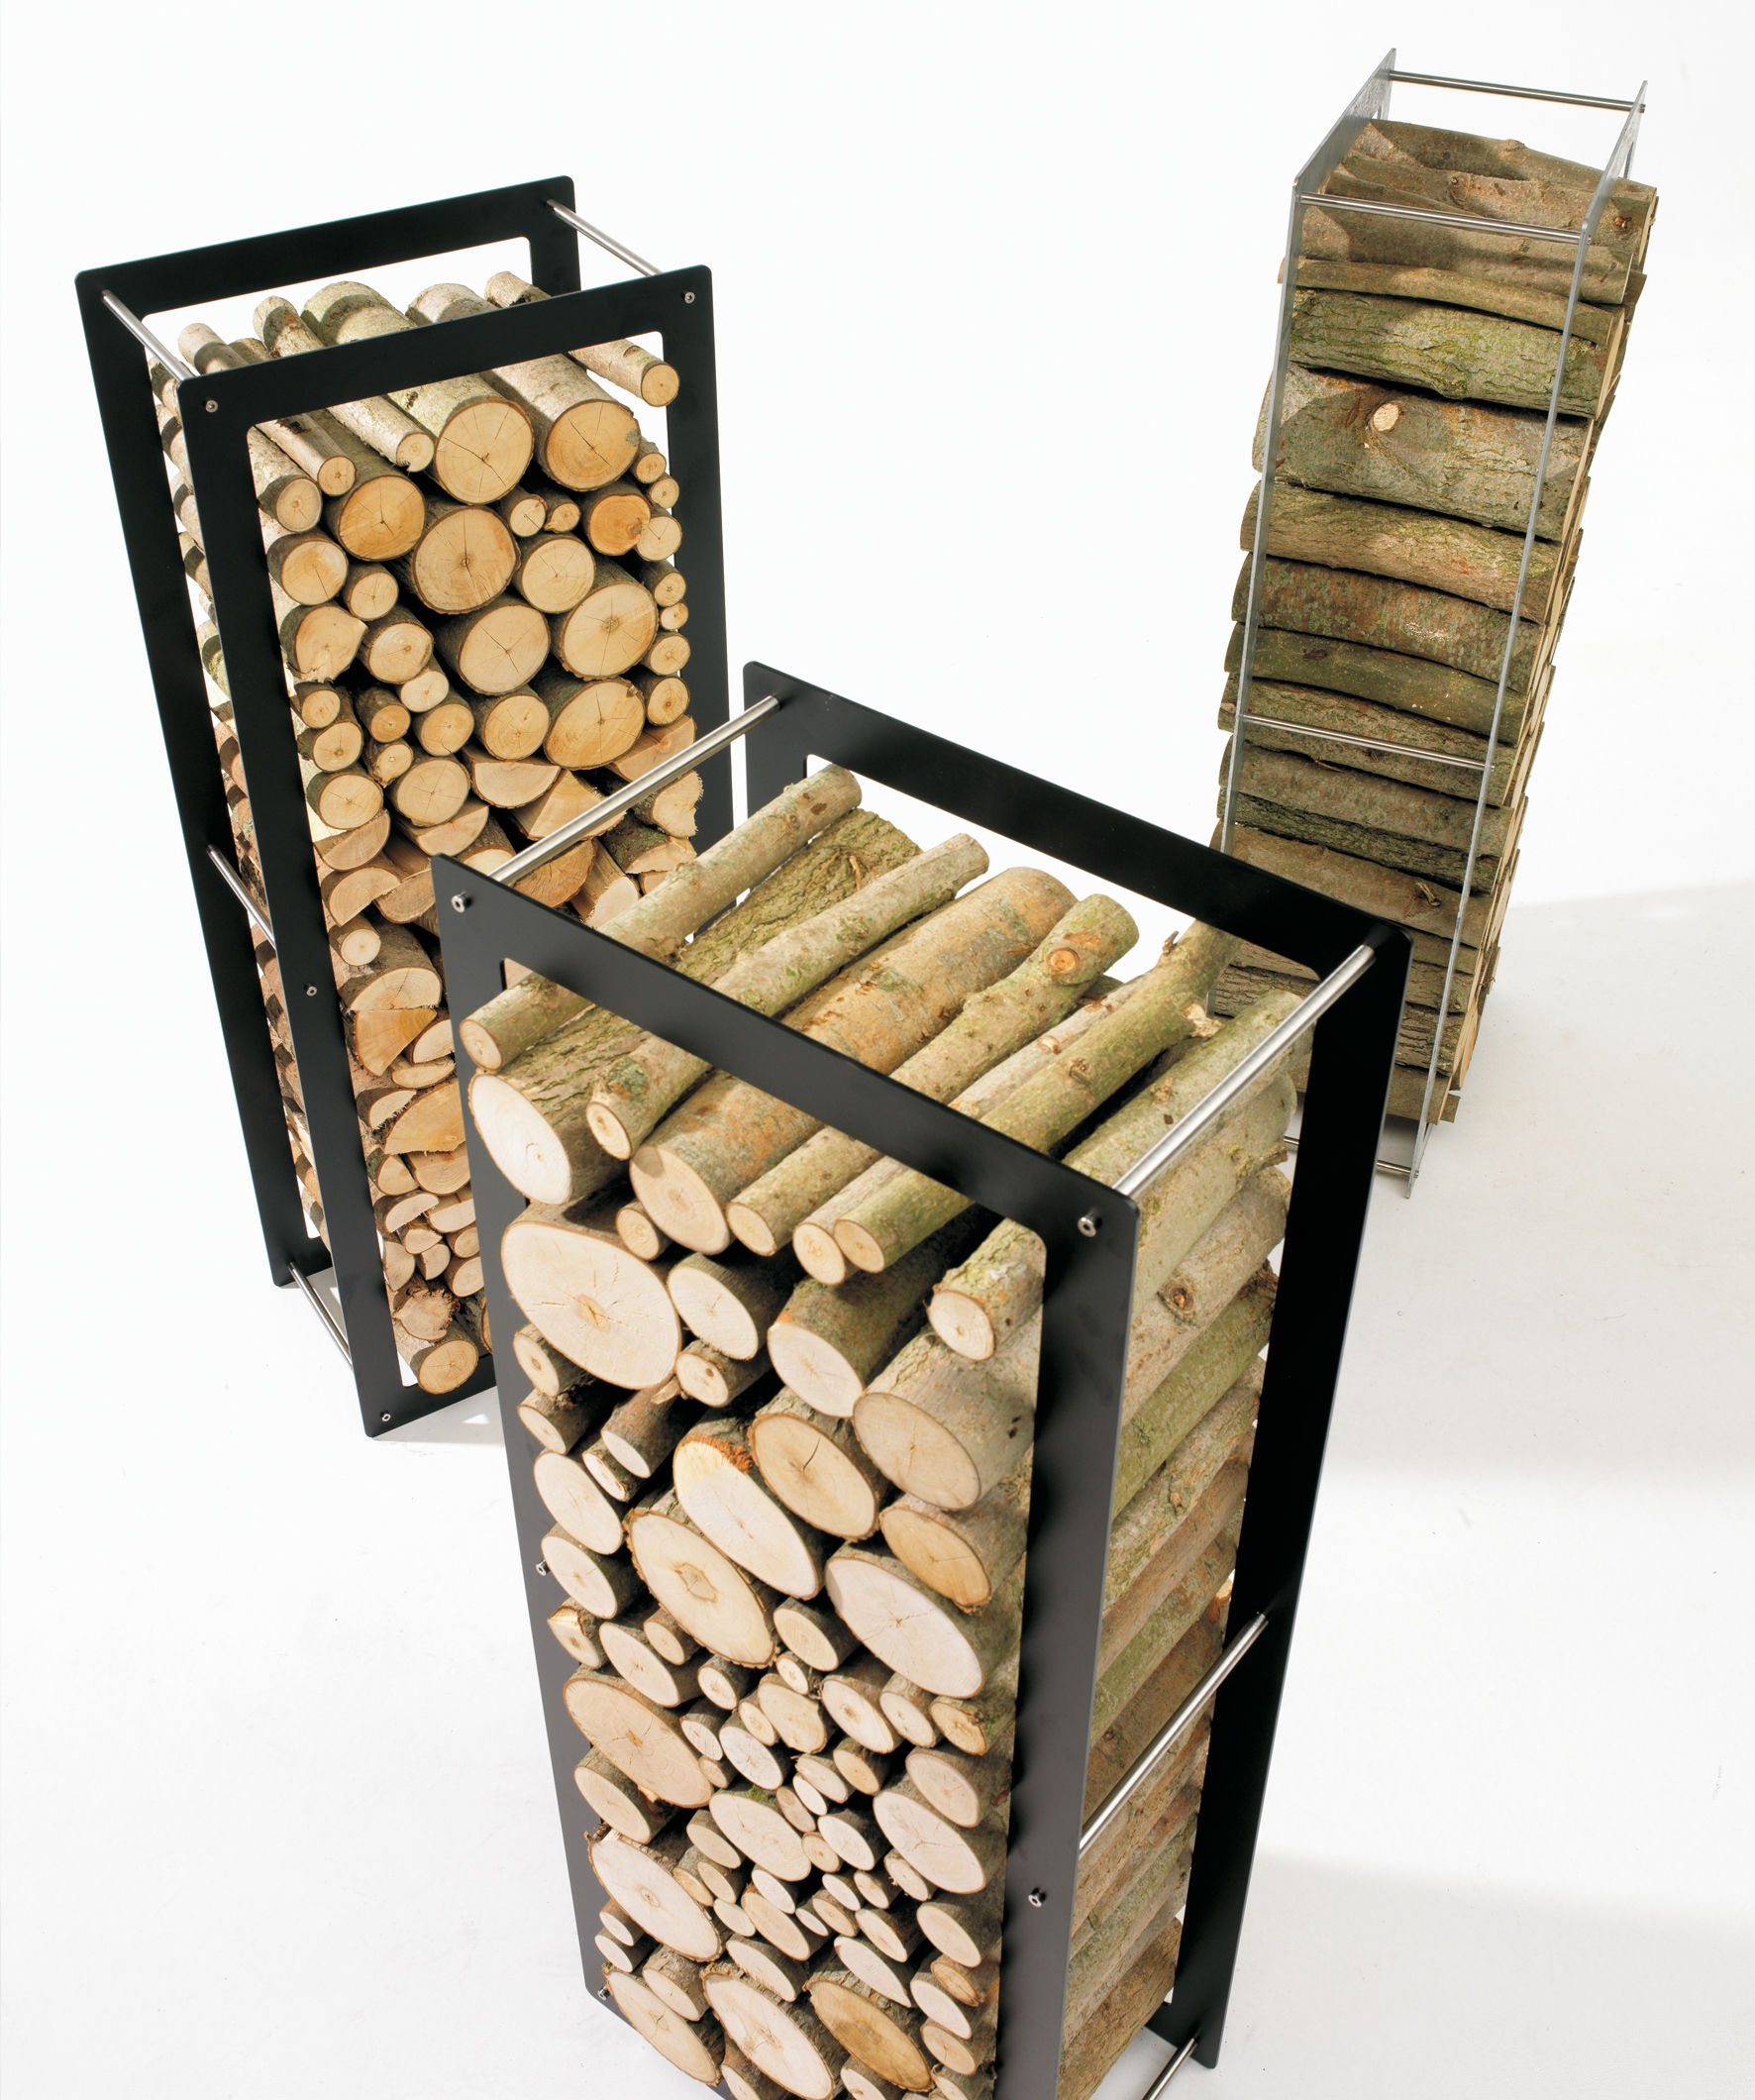 porte buches woodstock acier interieur exterieur